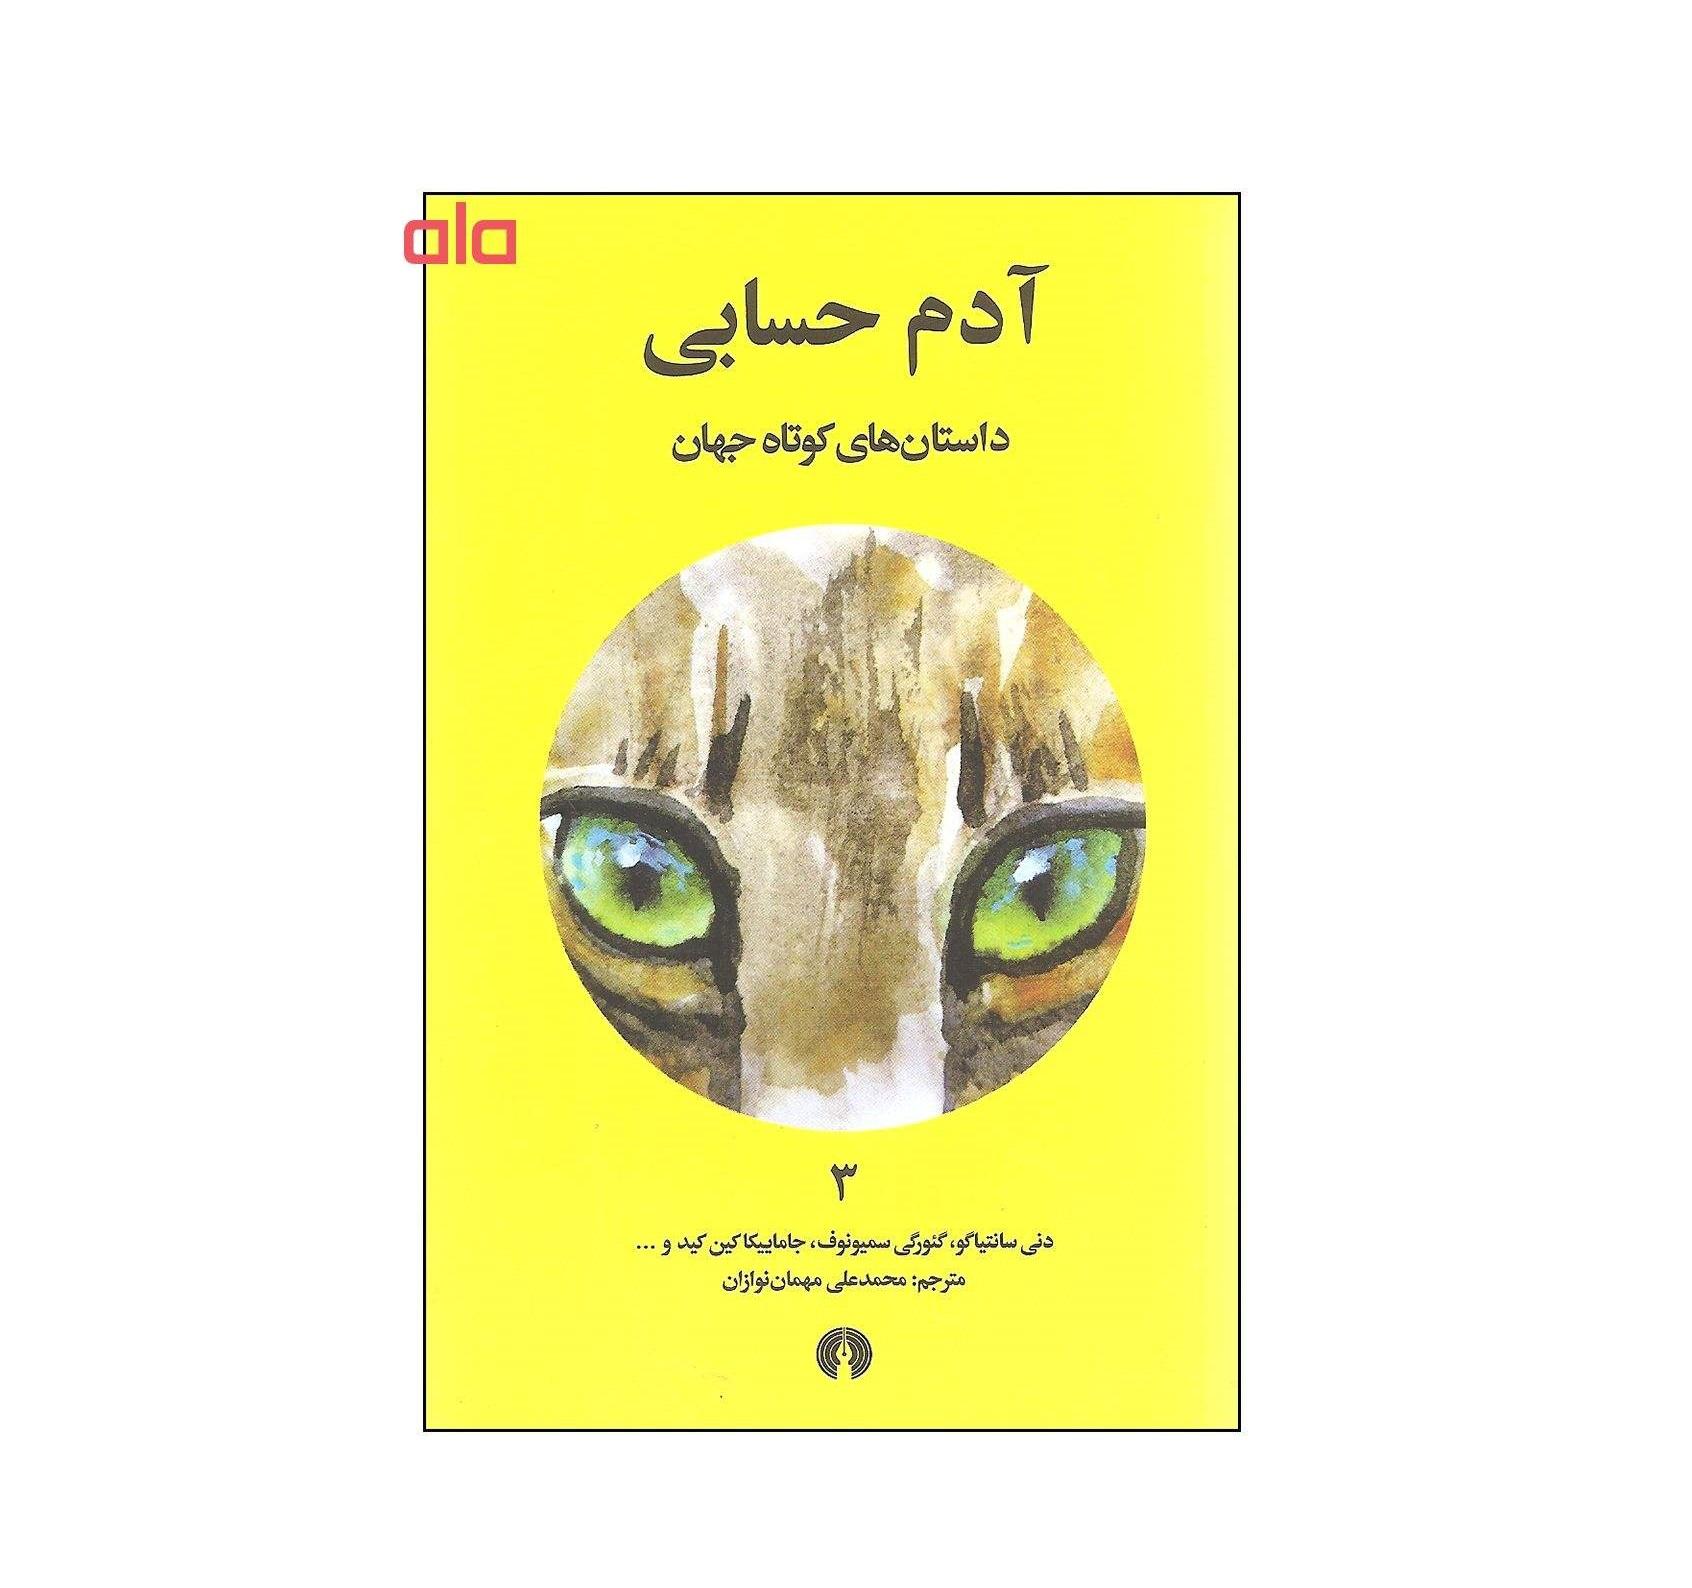 """بخشی از کتاب """"میخوام آدم حسابی باشم"""" از خانم نیکیتا جامعه شناس سوییسی:"""